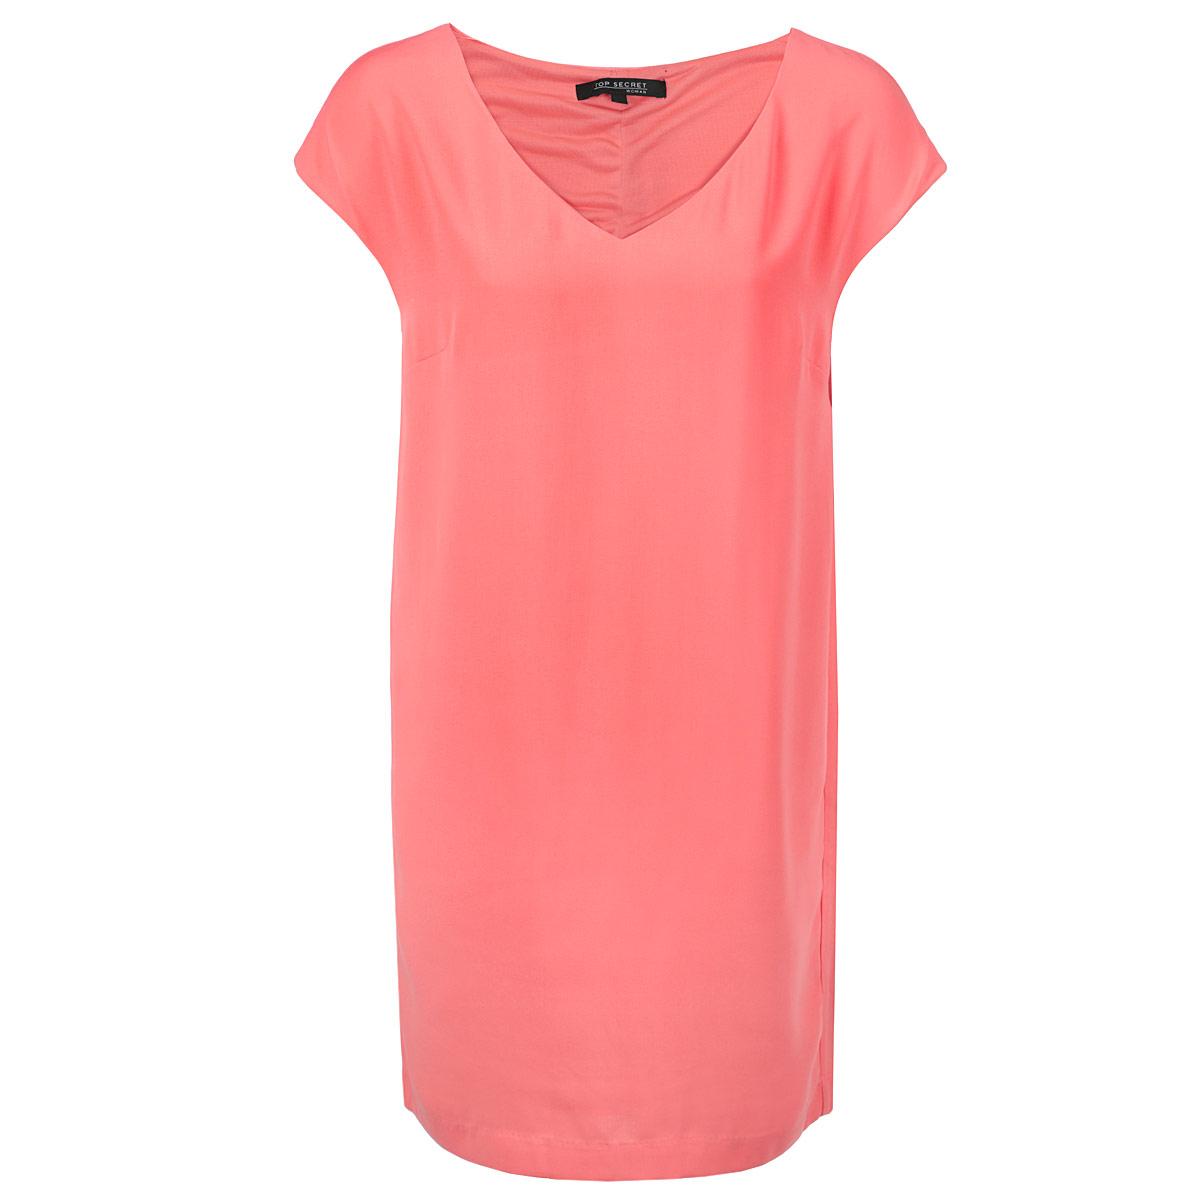 Платье. SSU1264ROSSU1264ROСтильное платье Top Secret изготовлено из высококачественного полиэстера с подкладкой. Модель свободного кроя с короткими рукавами-кимоно и V-образны вырезом горловины. Лаконичный дизайн и комфортный крой придутся по вкусу современной девушке, предпочитающей удобство и практичность. Такая модель послужит отличным дополнением к вашему гардеробу.